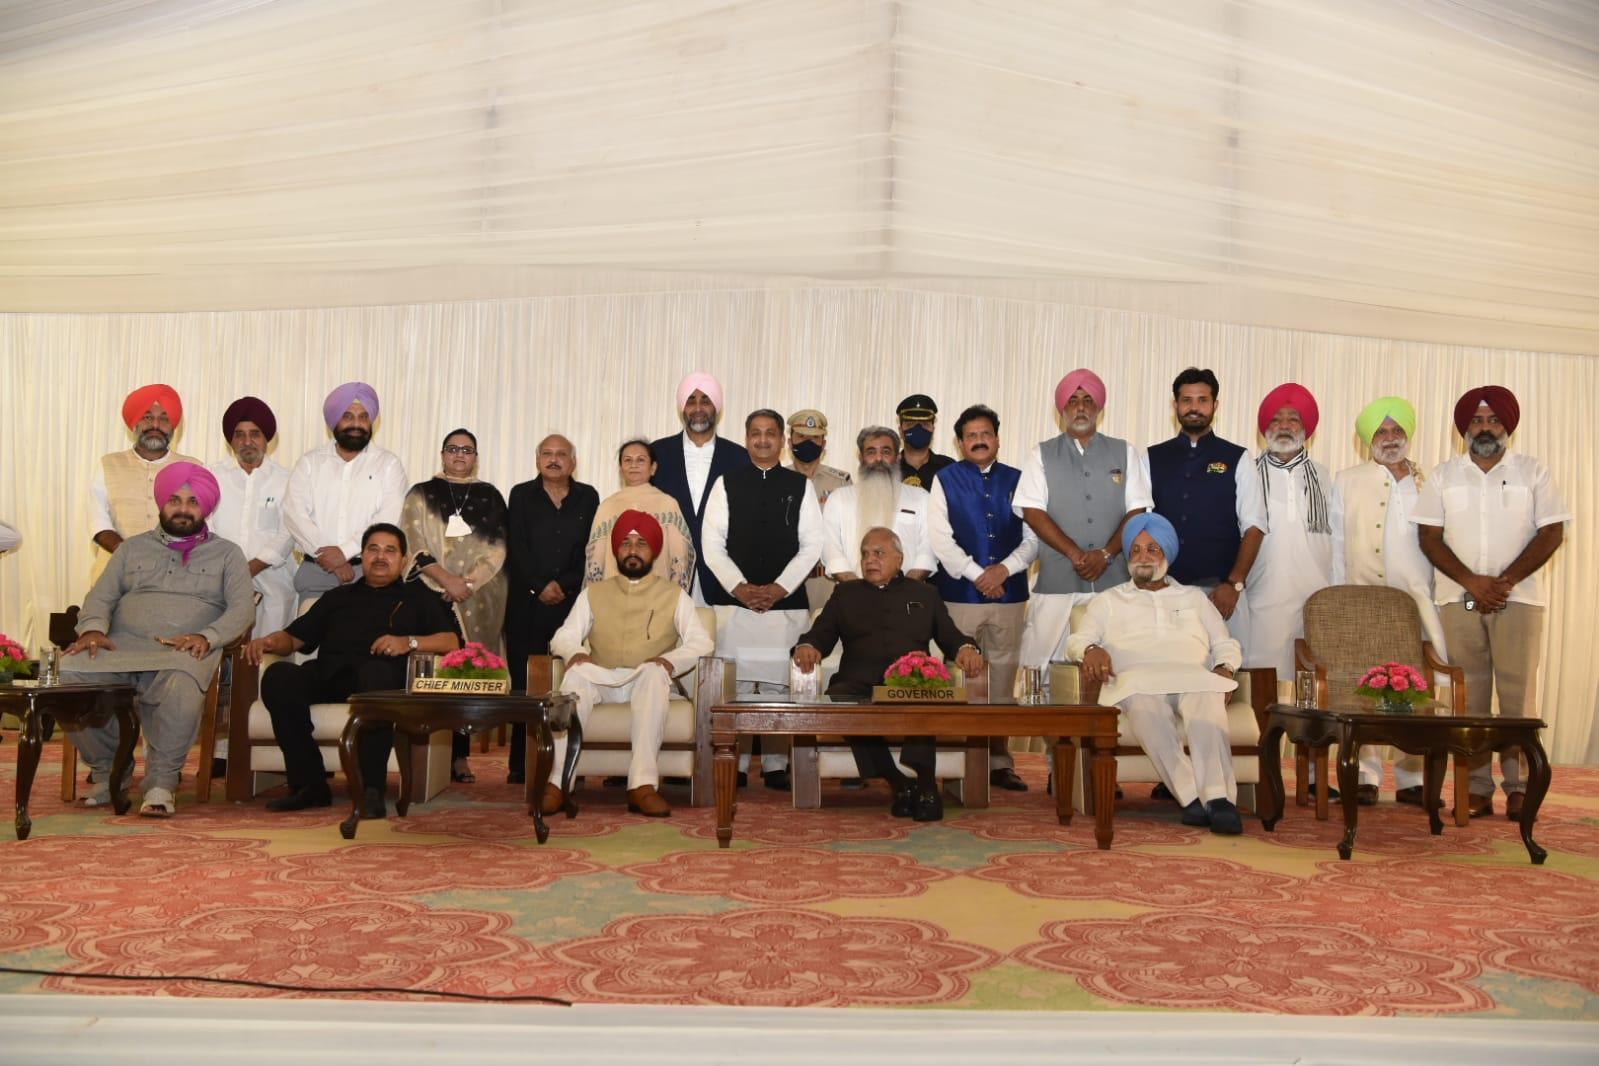 रविवार को पंजाब मंत्रिमंडल का हुआ विस्तार, 15 कैबिनेट मंत्रियों ने ली शपथ